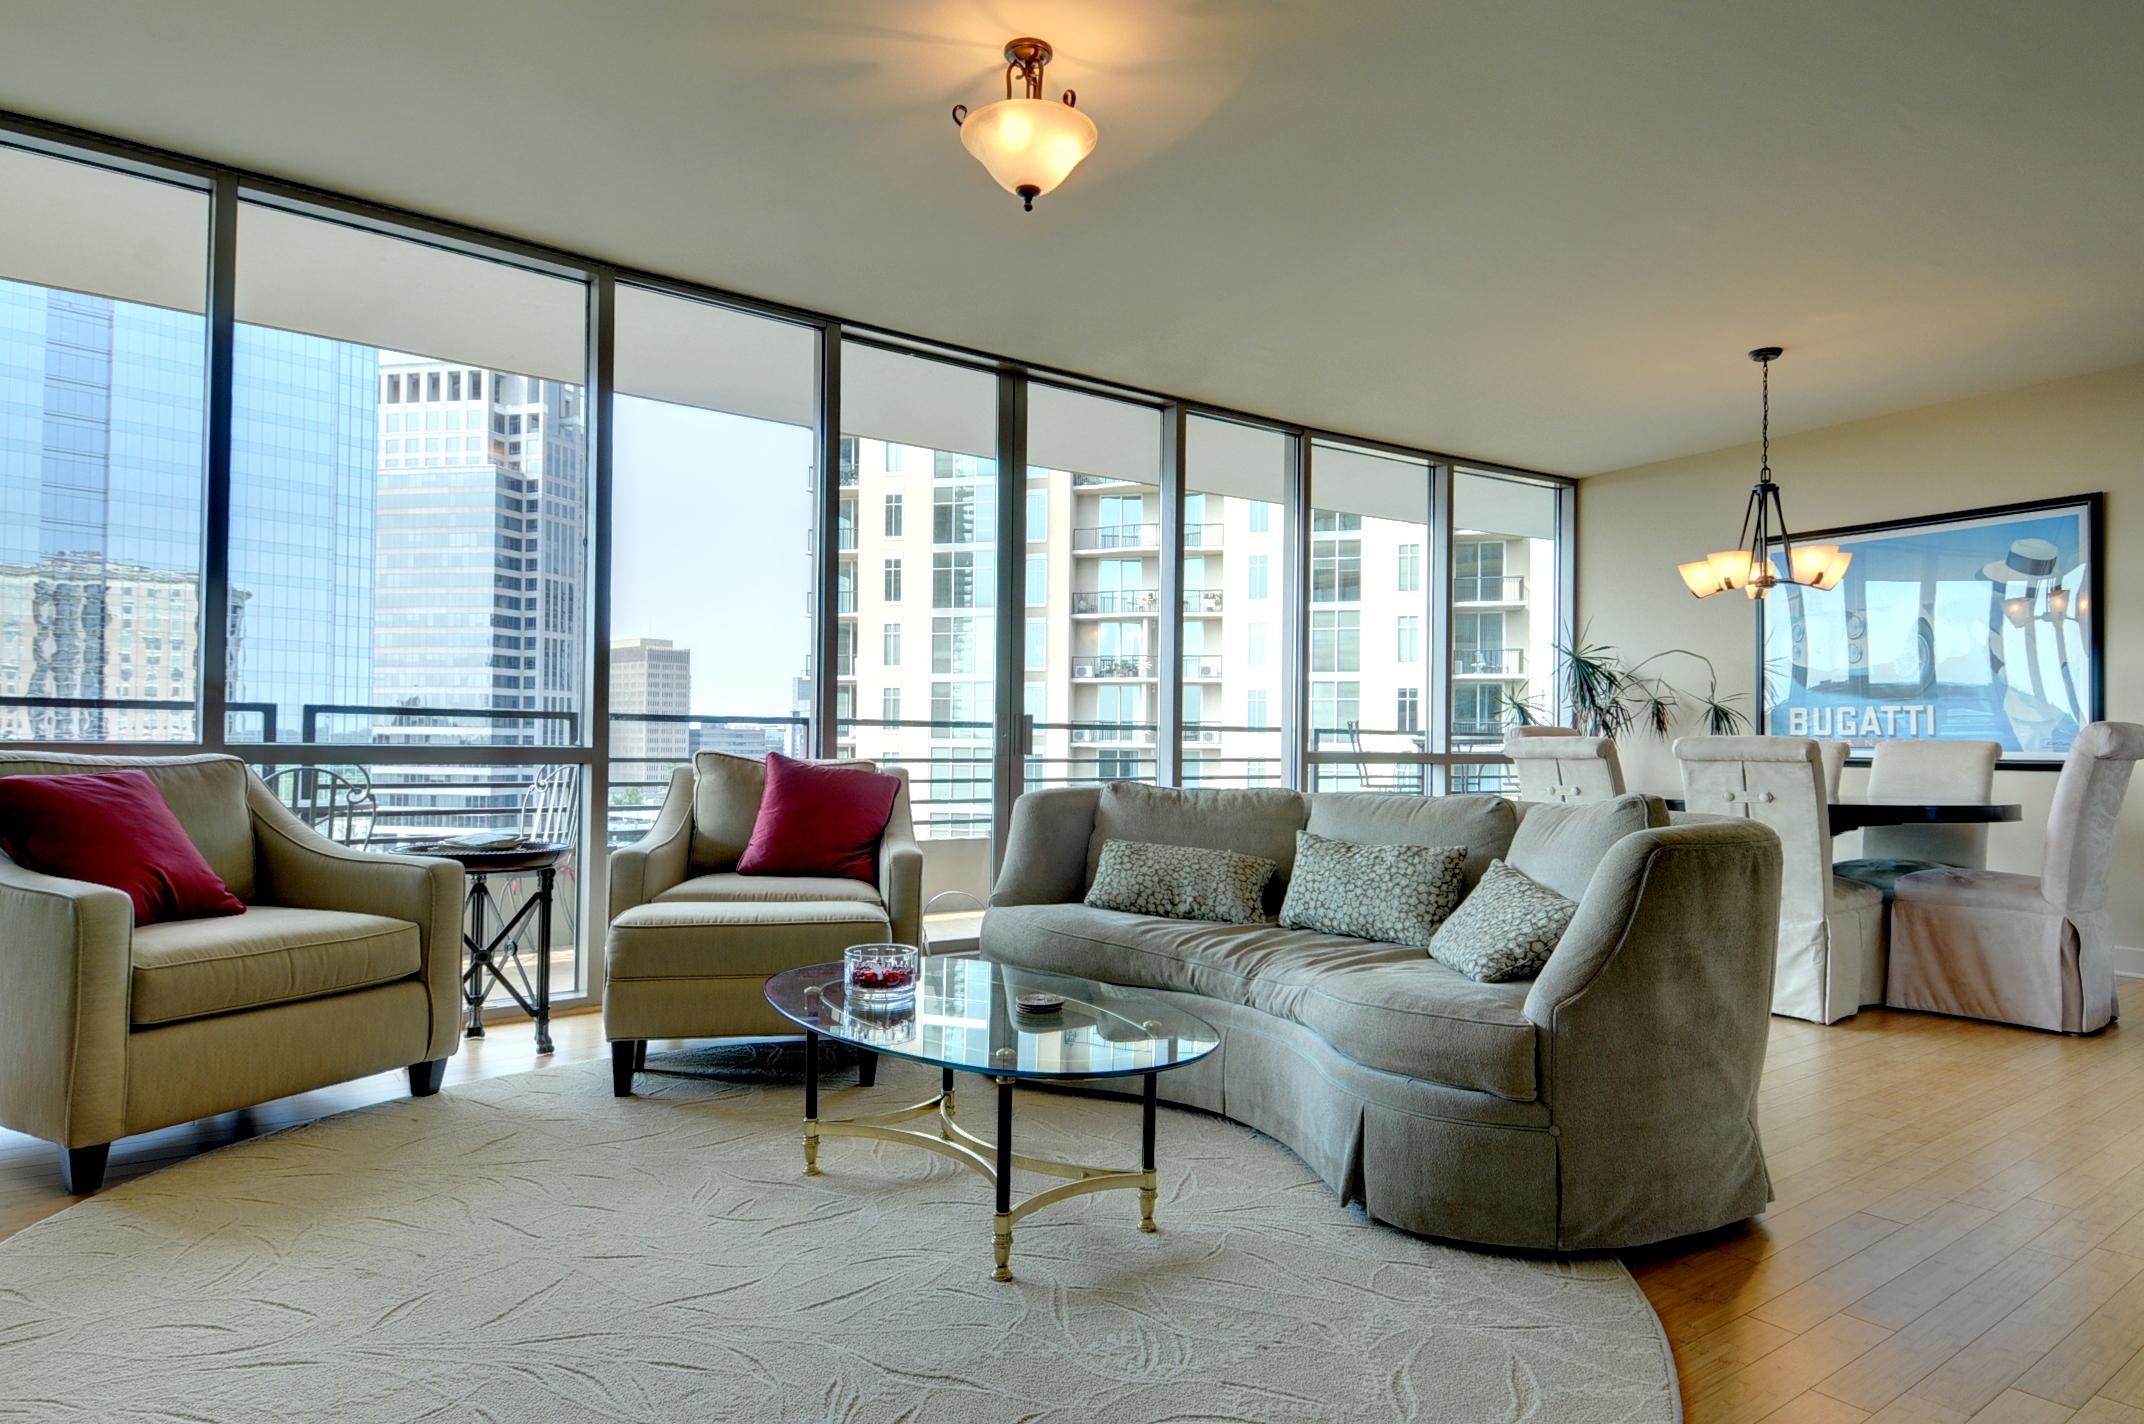 Кооперативная квартира для того Продажа на Luxurious Buckhead Condo 700 Park Regency Place NE No. 1604 Atlanta, Джорджия, 30326 Соединенные Штаты